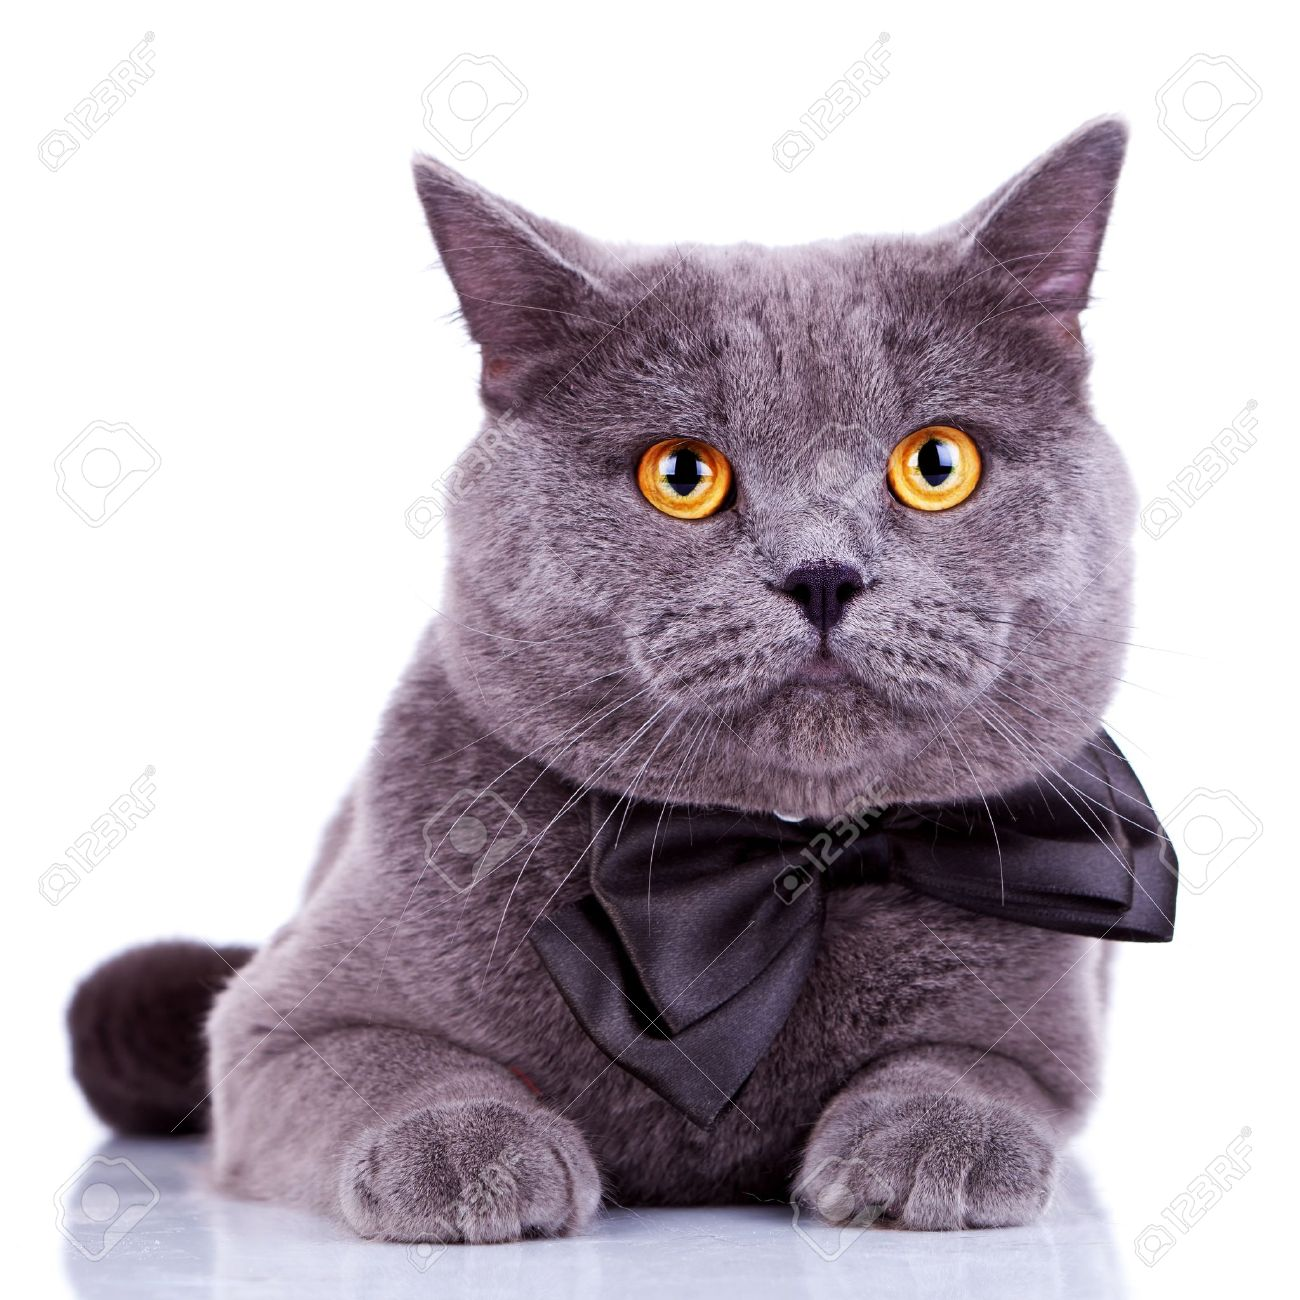 banque dimages anglais chat avec de grands yeux orange portant un noeud papillon sur fond blanc